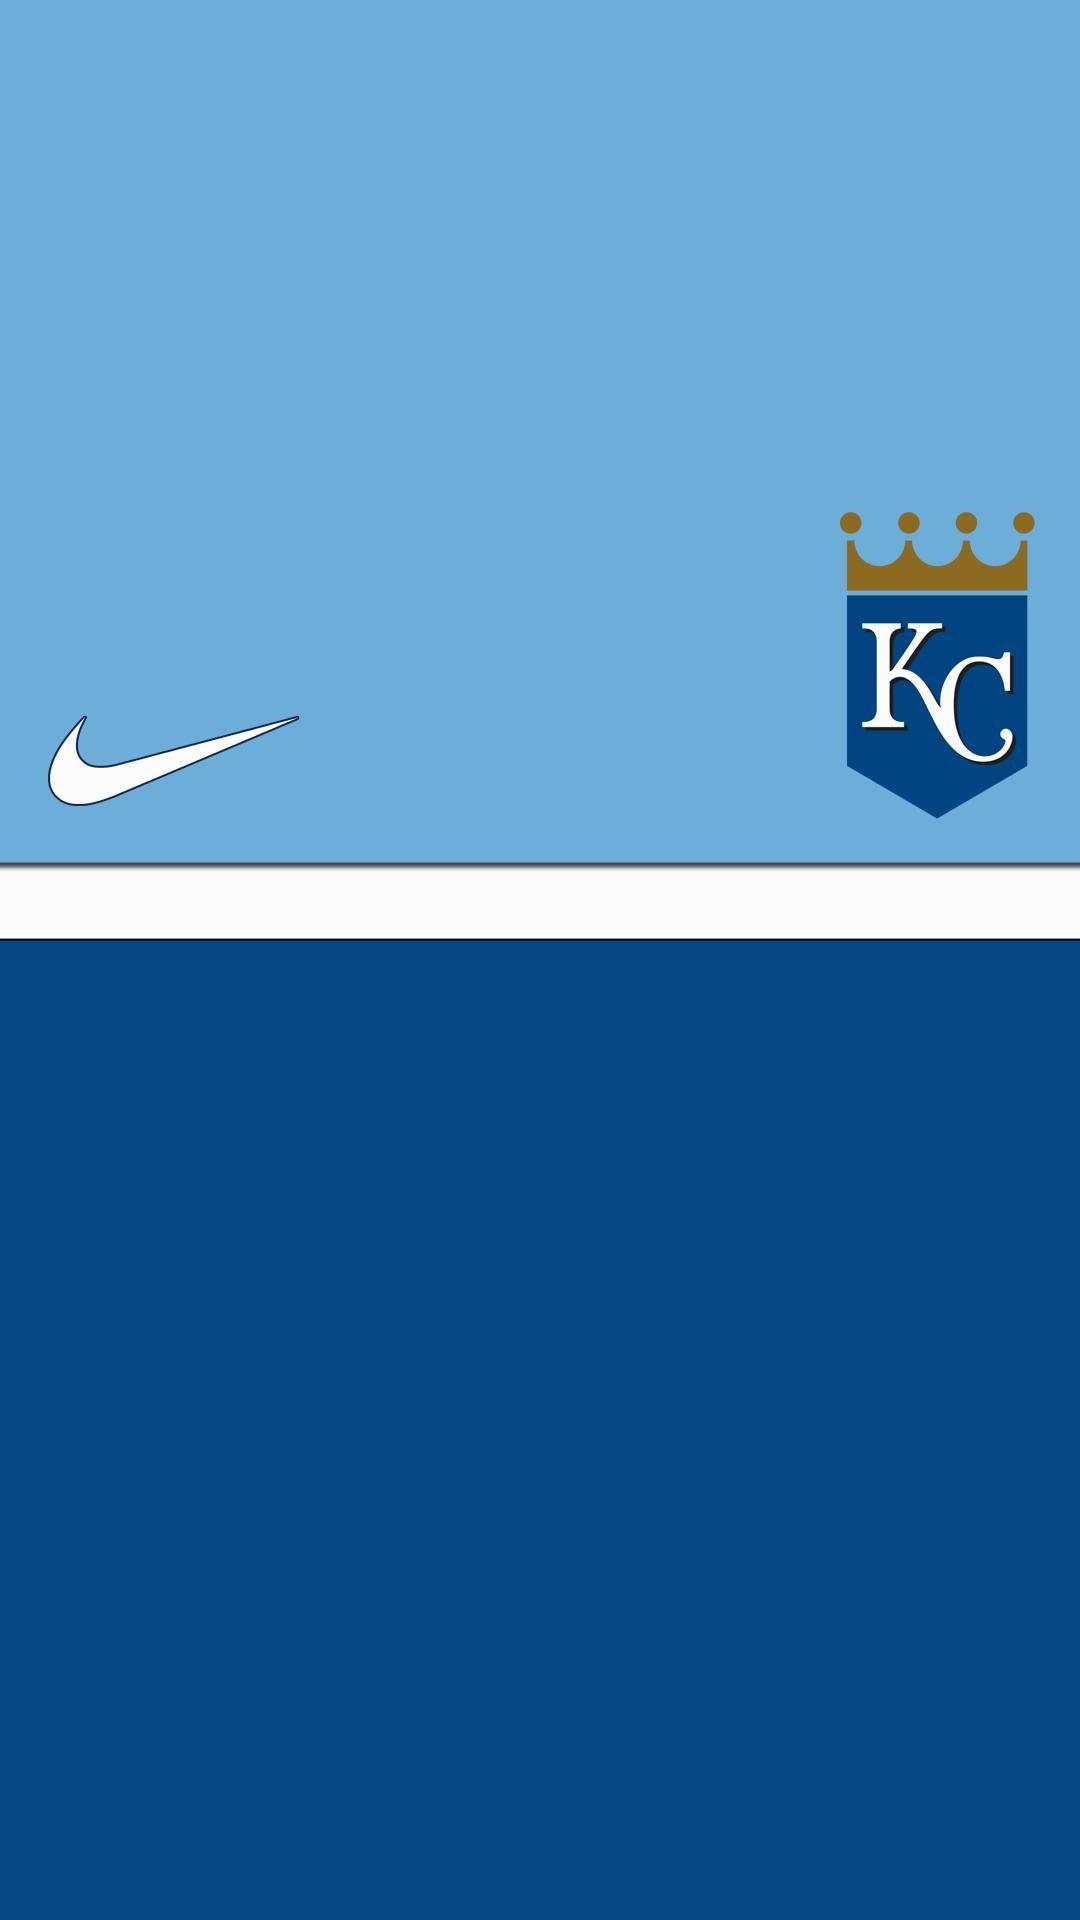 kansas-city-royals-1080%C3%971920-wallpaper-wp2406590